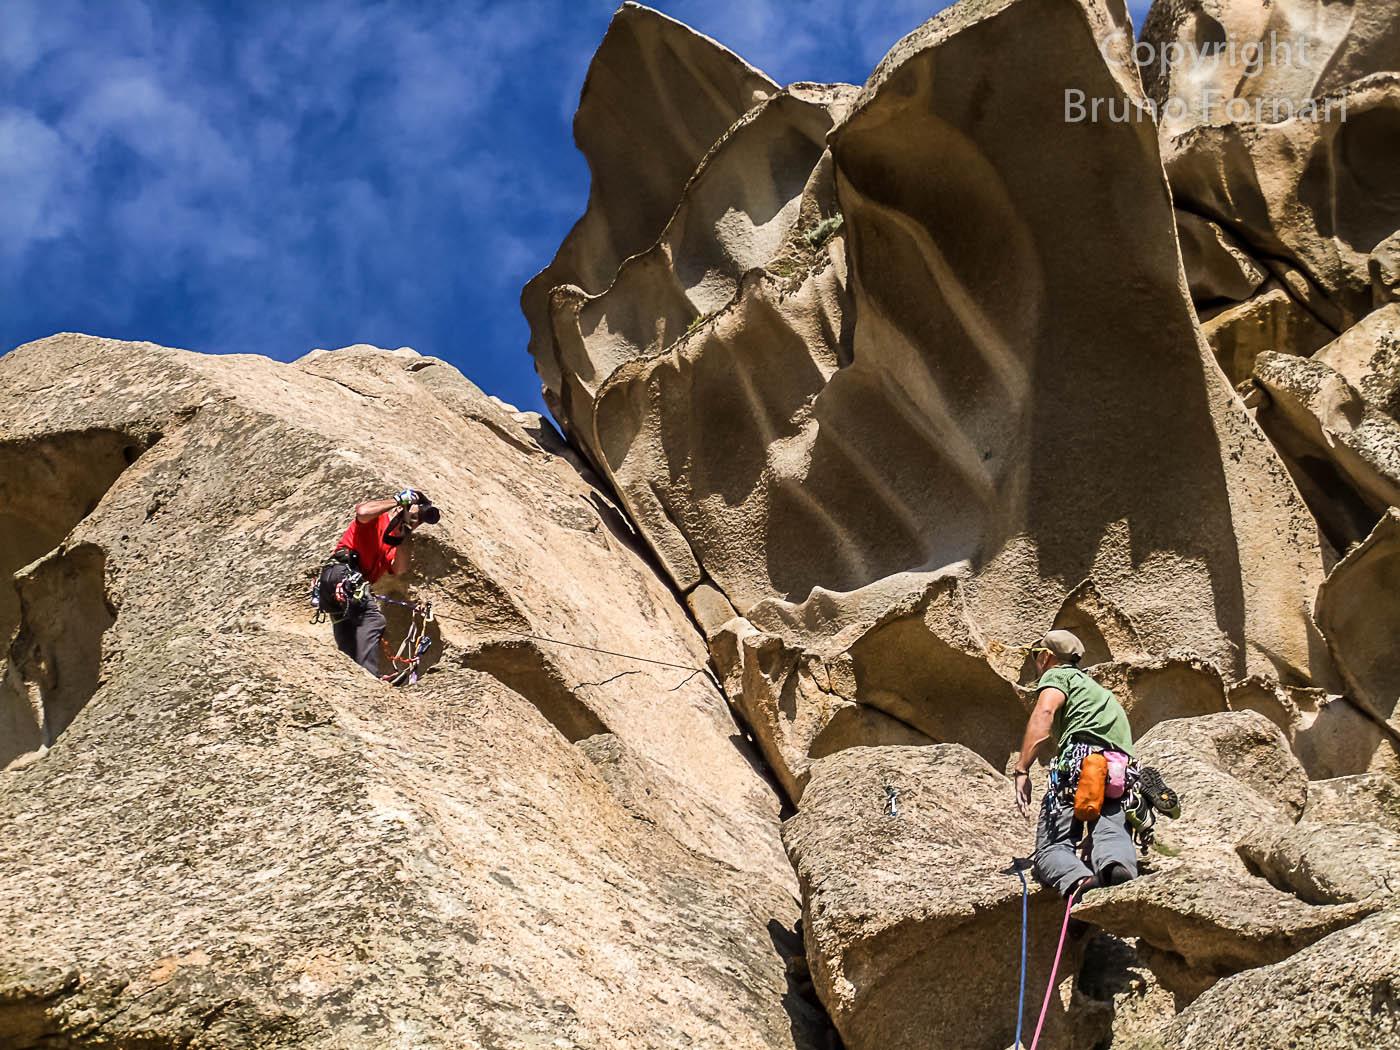 Dove arrampicare e altro...nelle quattro stagioni! - Pagina 10 BrunoCORSICAsard-5629